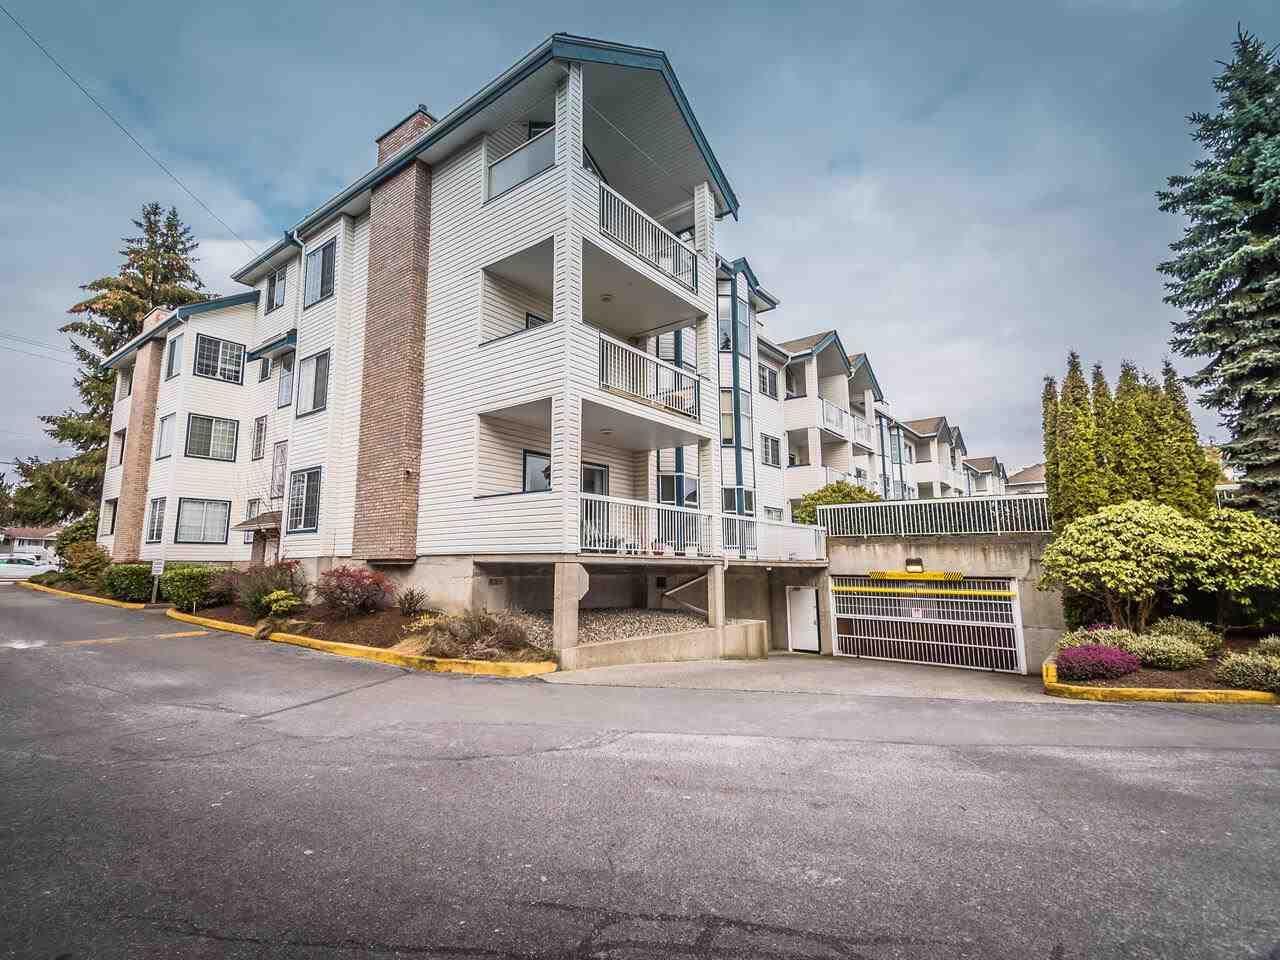 Photo 2: Photos: 108 13918 72 Avenue in Surrey: East Newton Condo for sale : MLS®# R2538723